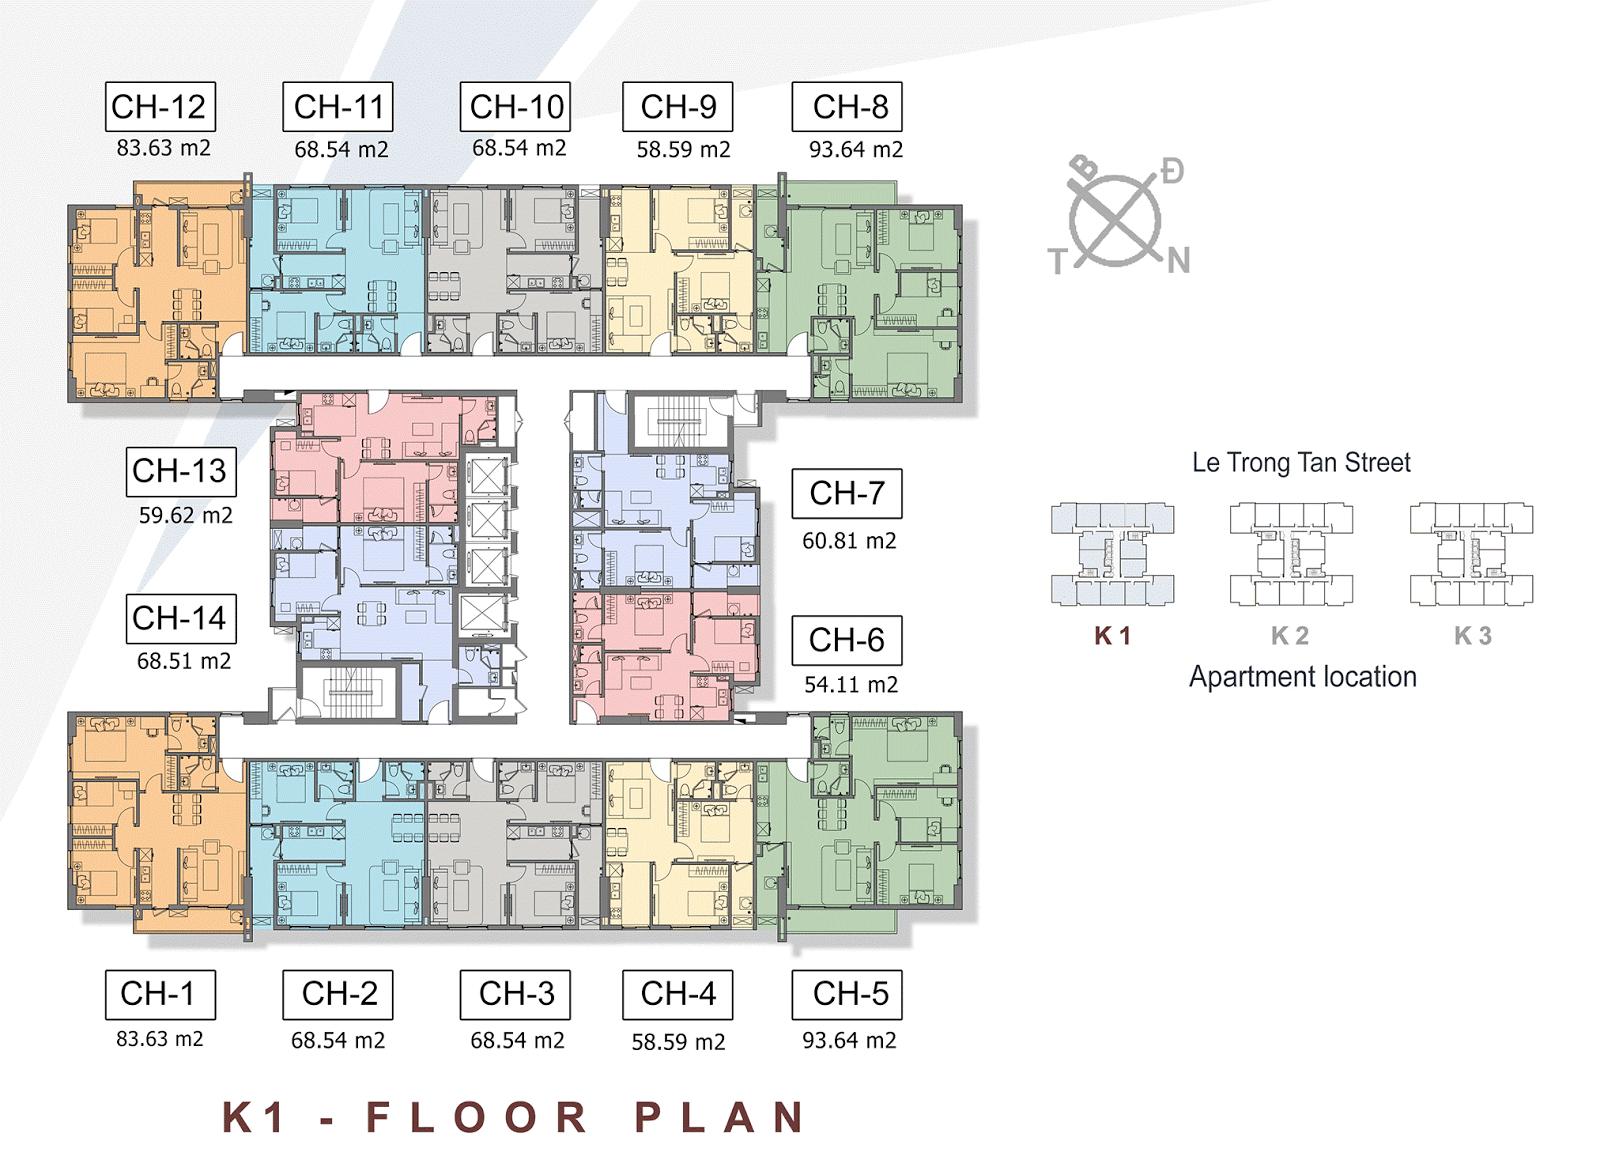 Mặt bằng điển hình tòa K1 dự án The K Park Văn Phú Hà Đông